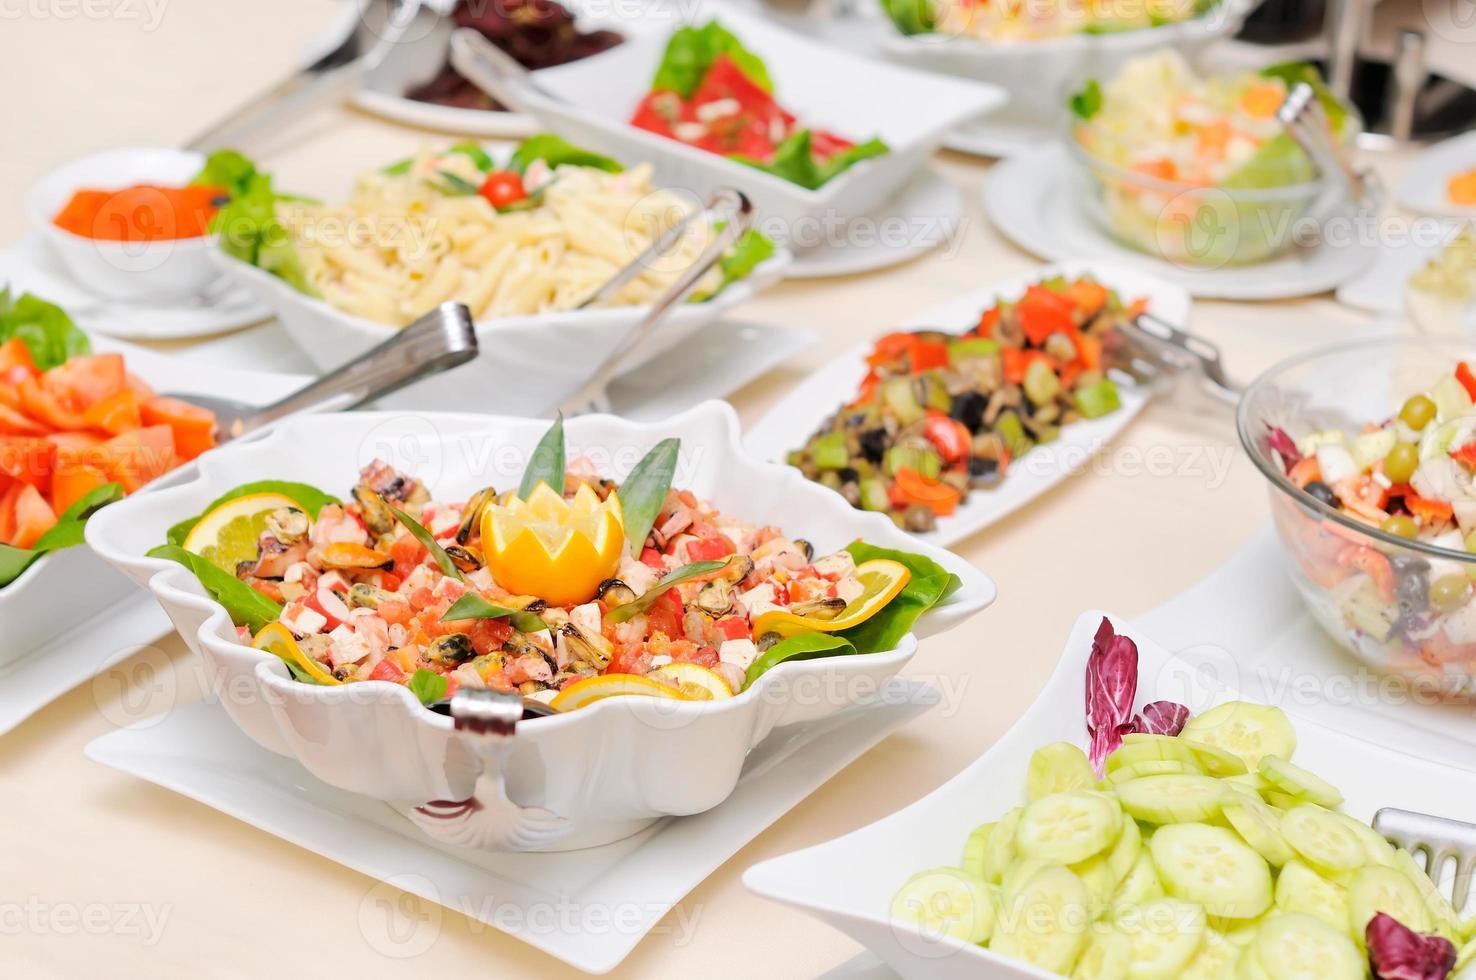 diversità di insalate sul tavolo foto